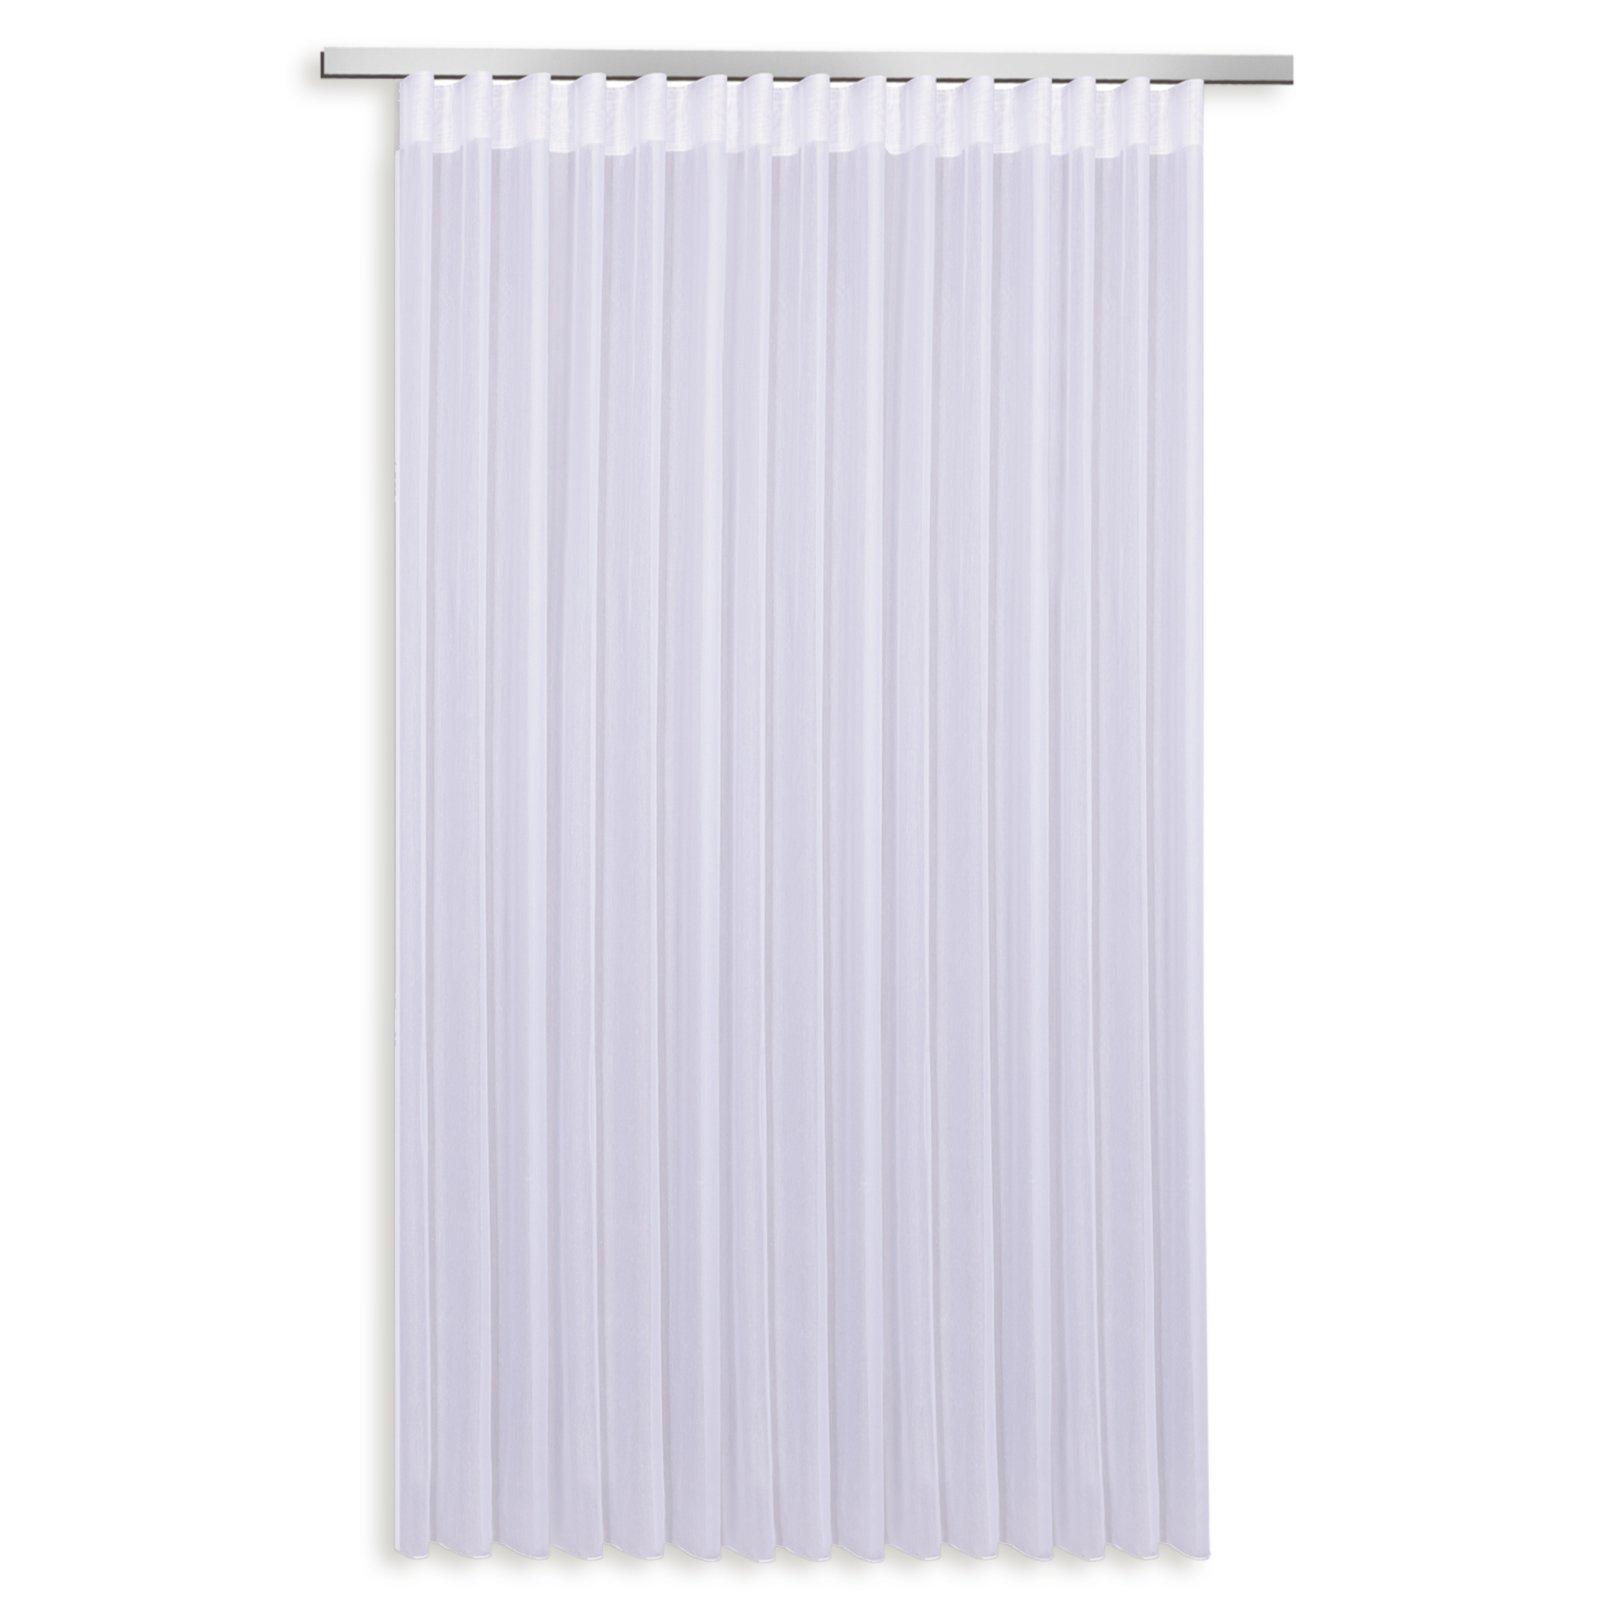 Gardine - weiß - Wellenband - 307x245 cm